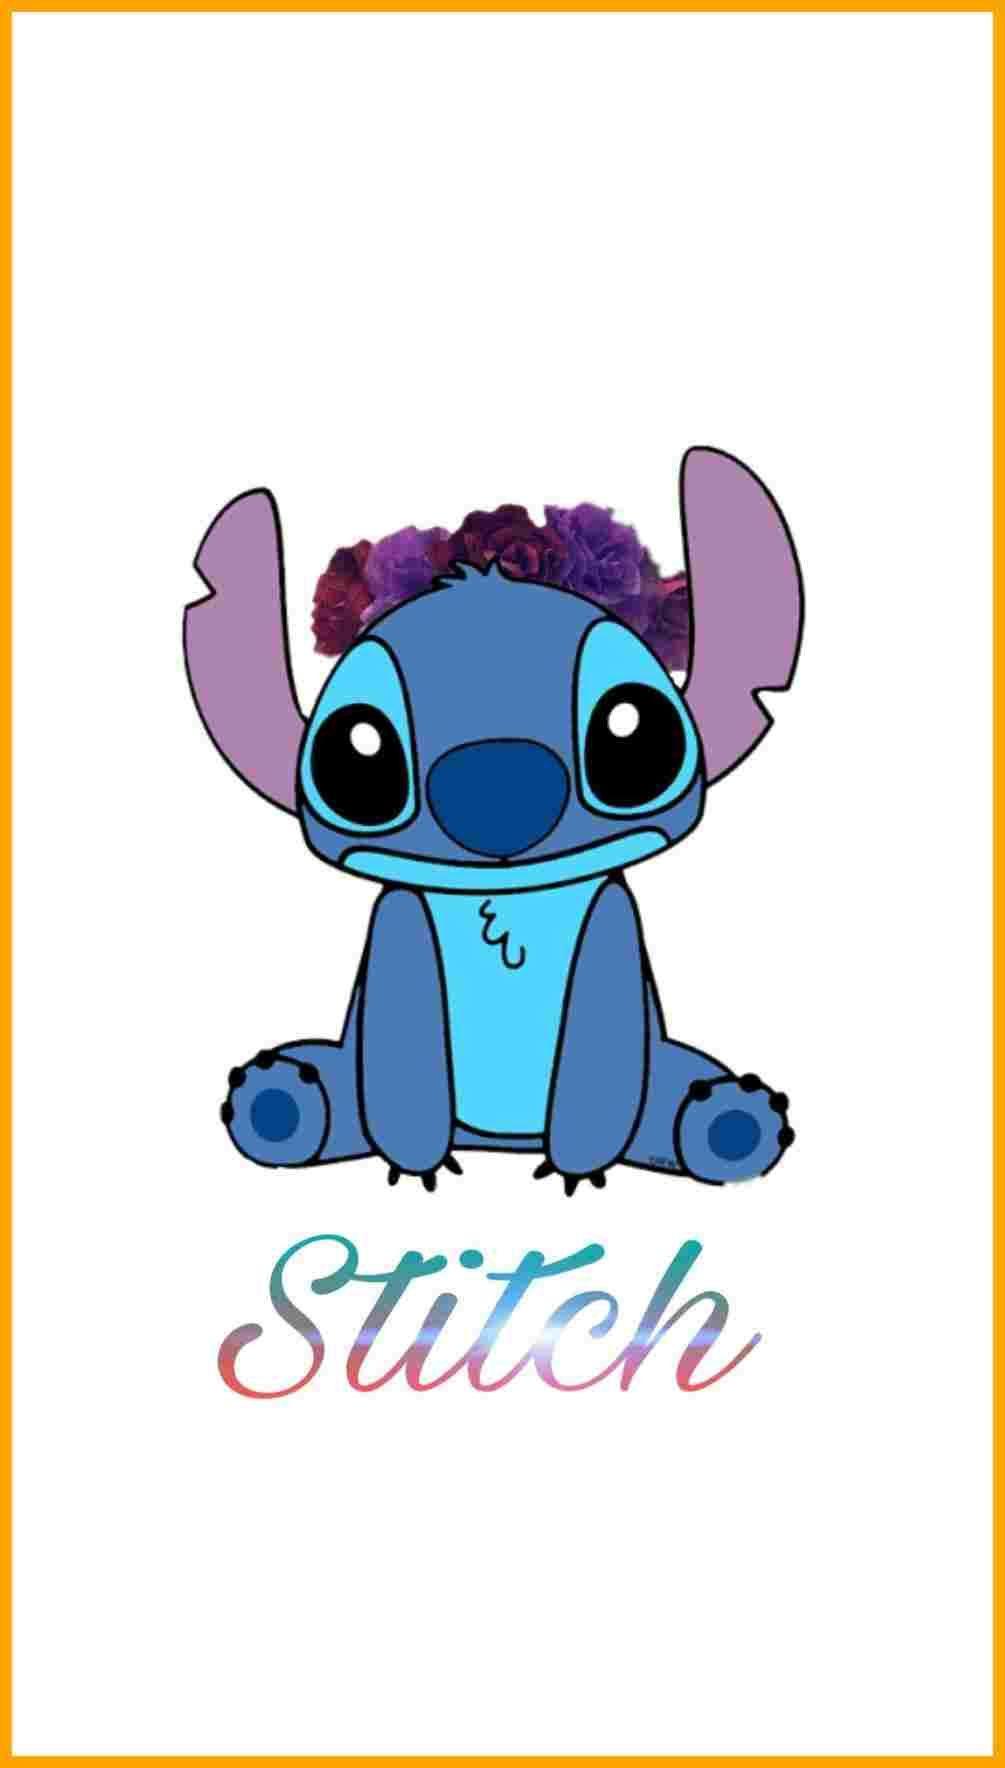 Wallpaper Stitch 97 Wallpapers Hd Wallpapers Gambar Lucu Karakter Disney Kartun